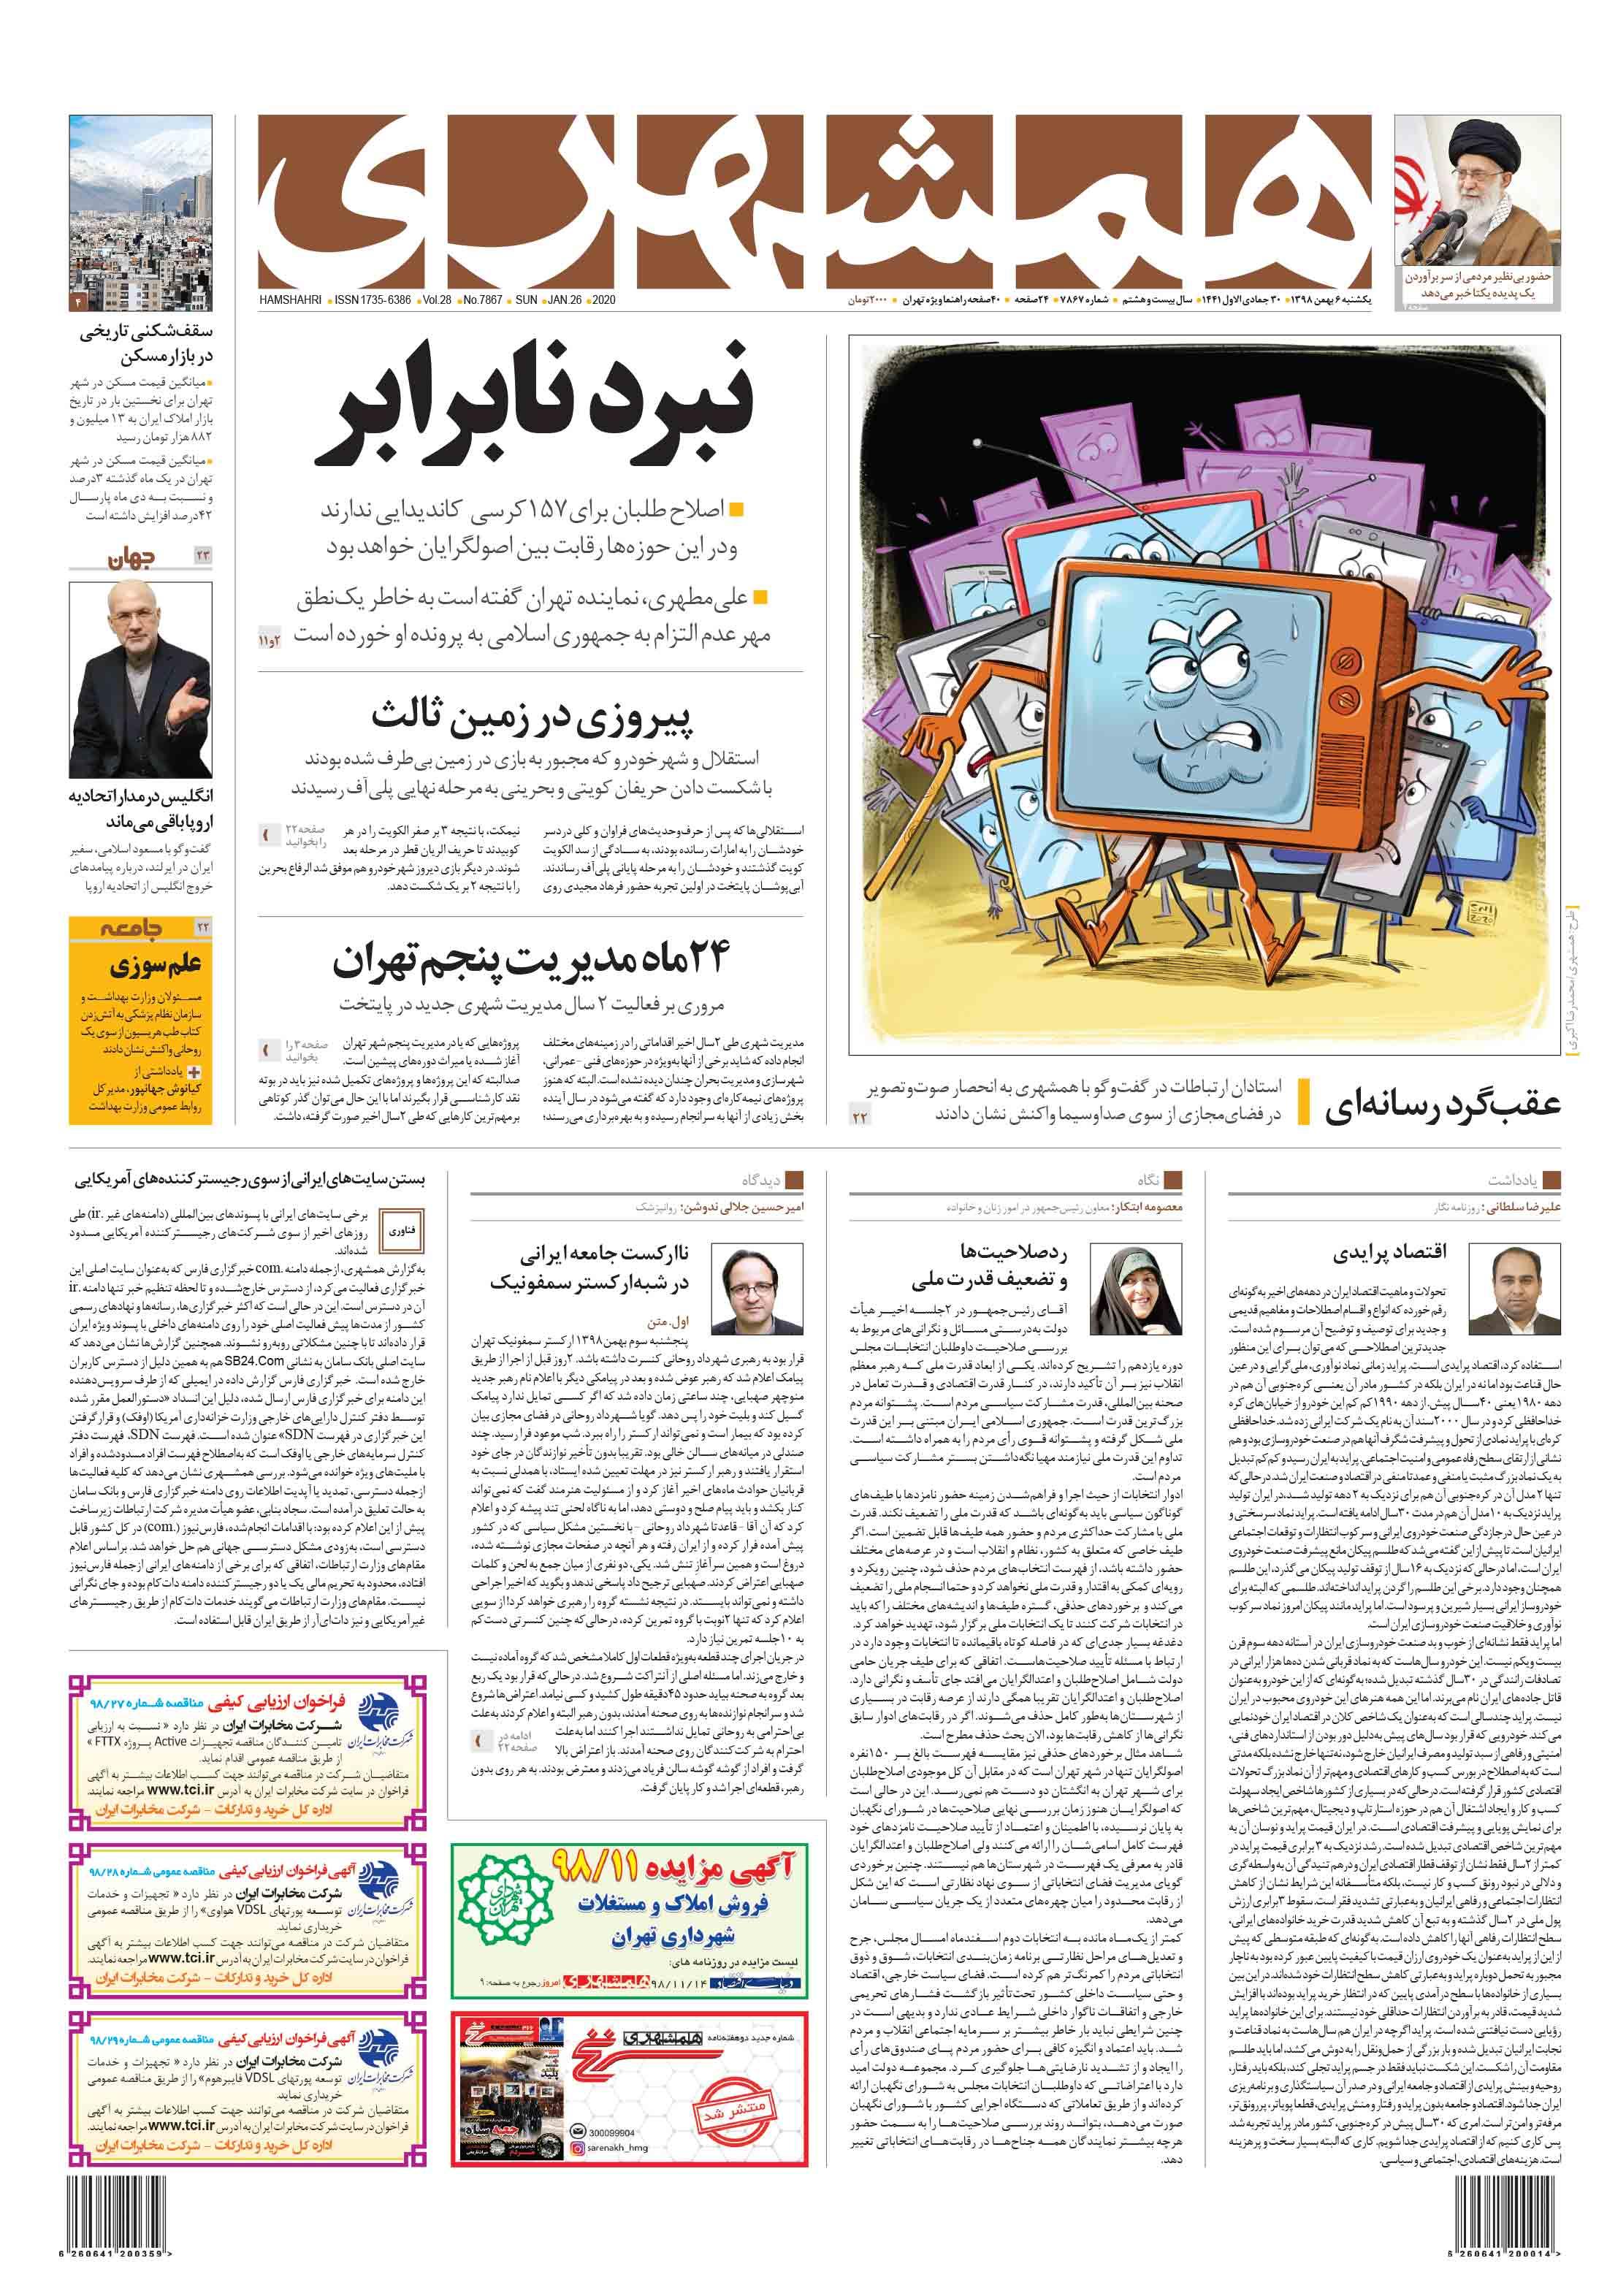 صفحه اول یکشنبه 6 بهمن 1398